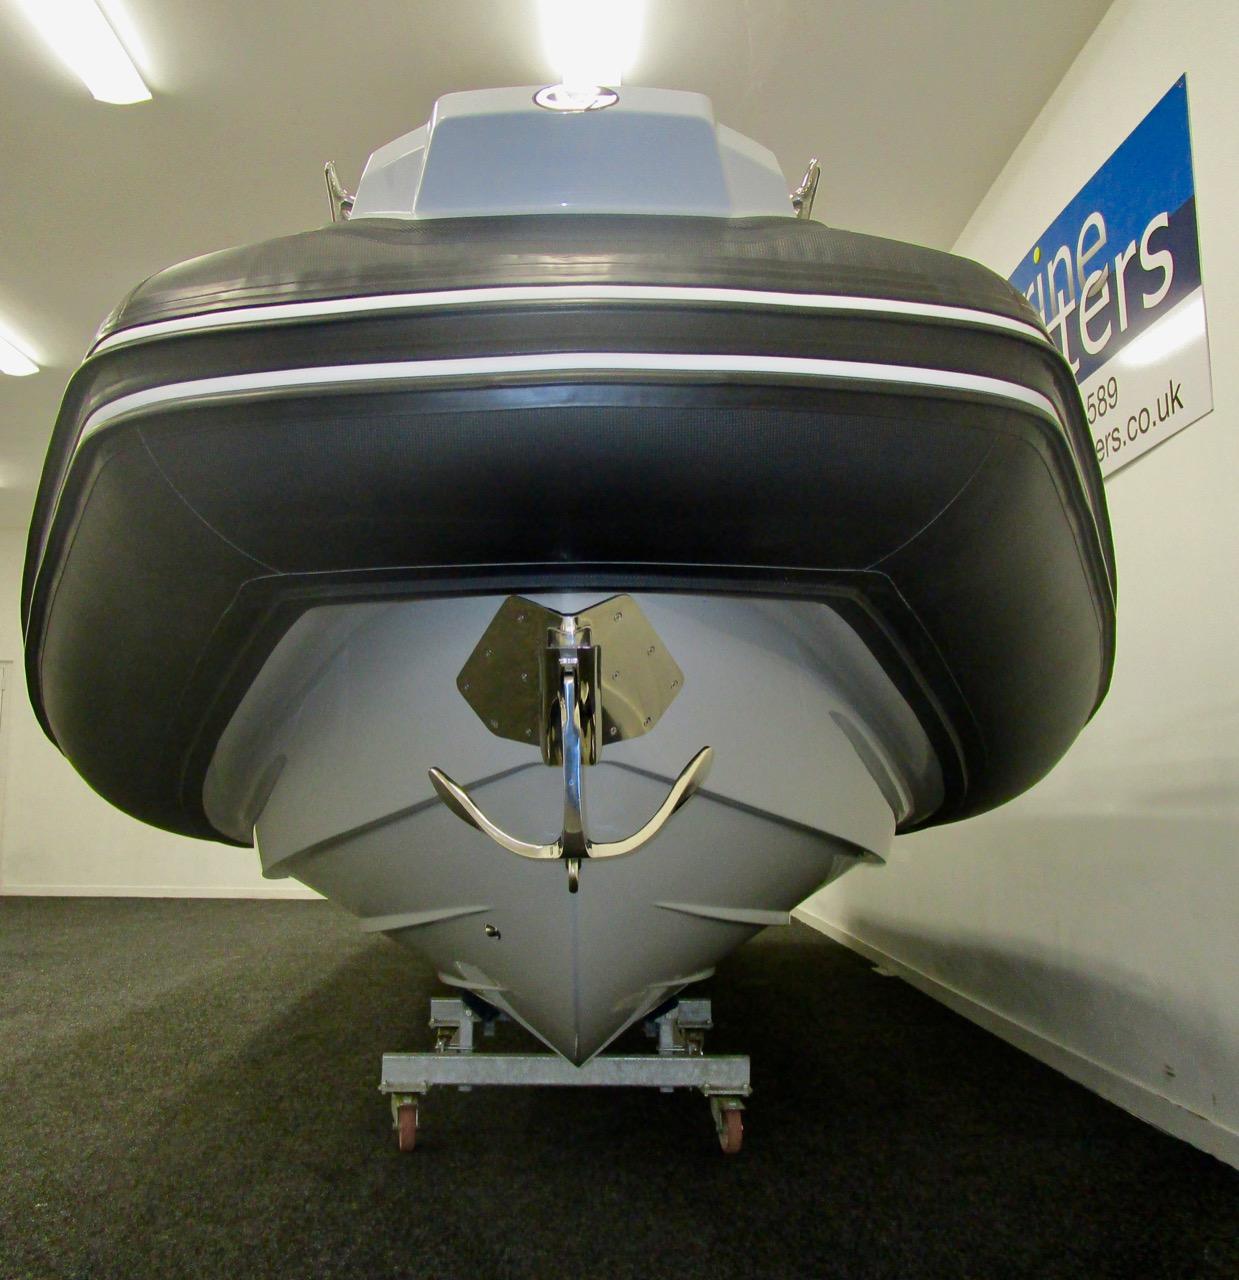 GRAND G750 RIB square bow